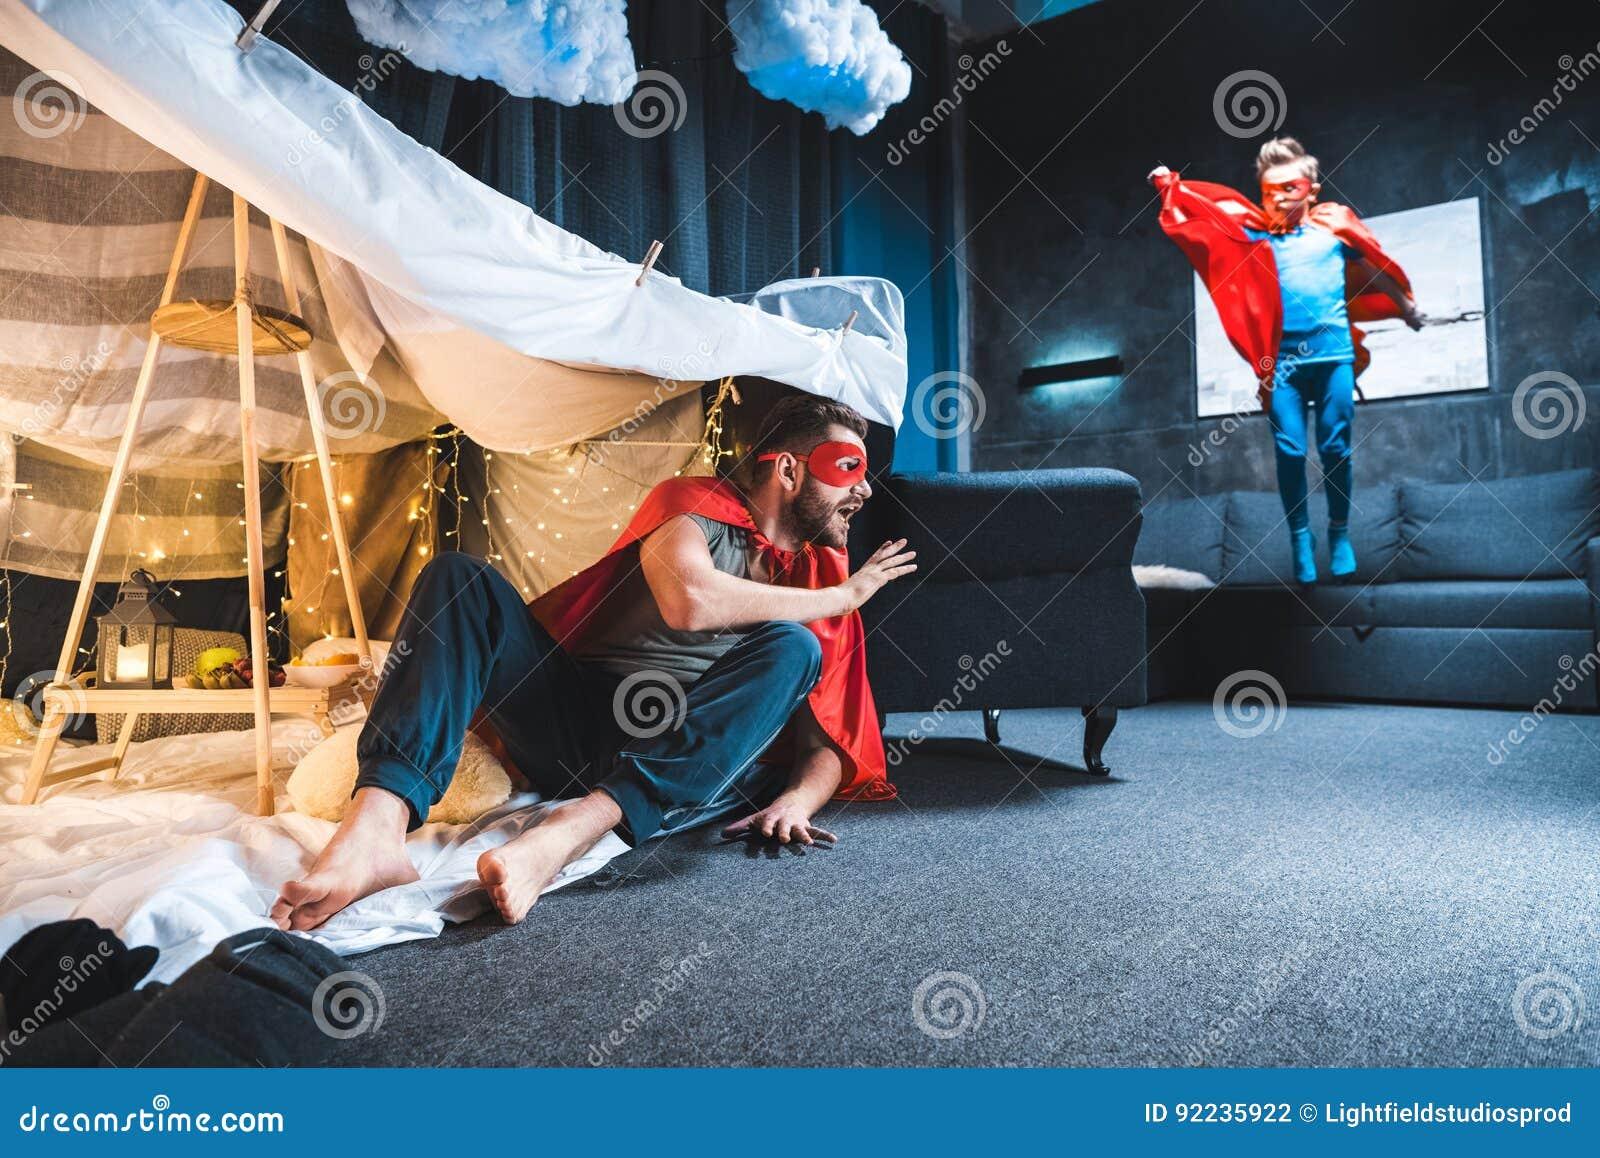 Πατέρας και γιος στο κόκκινο παιχνίδι κοστουμιών superhero